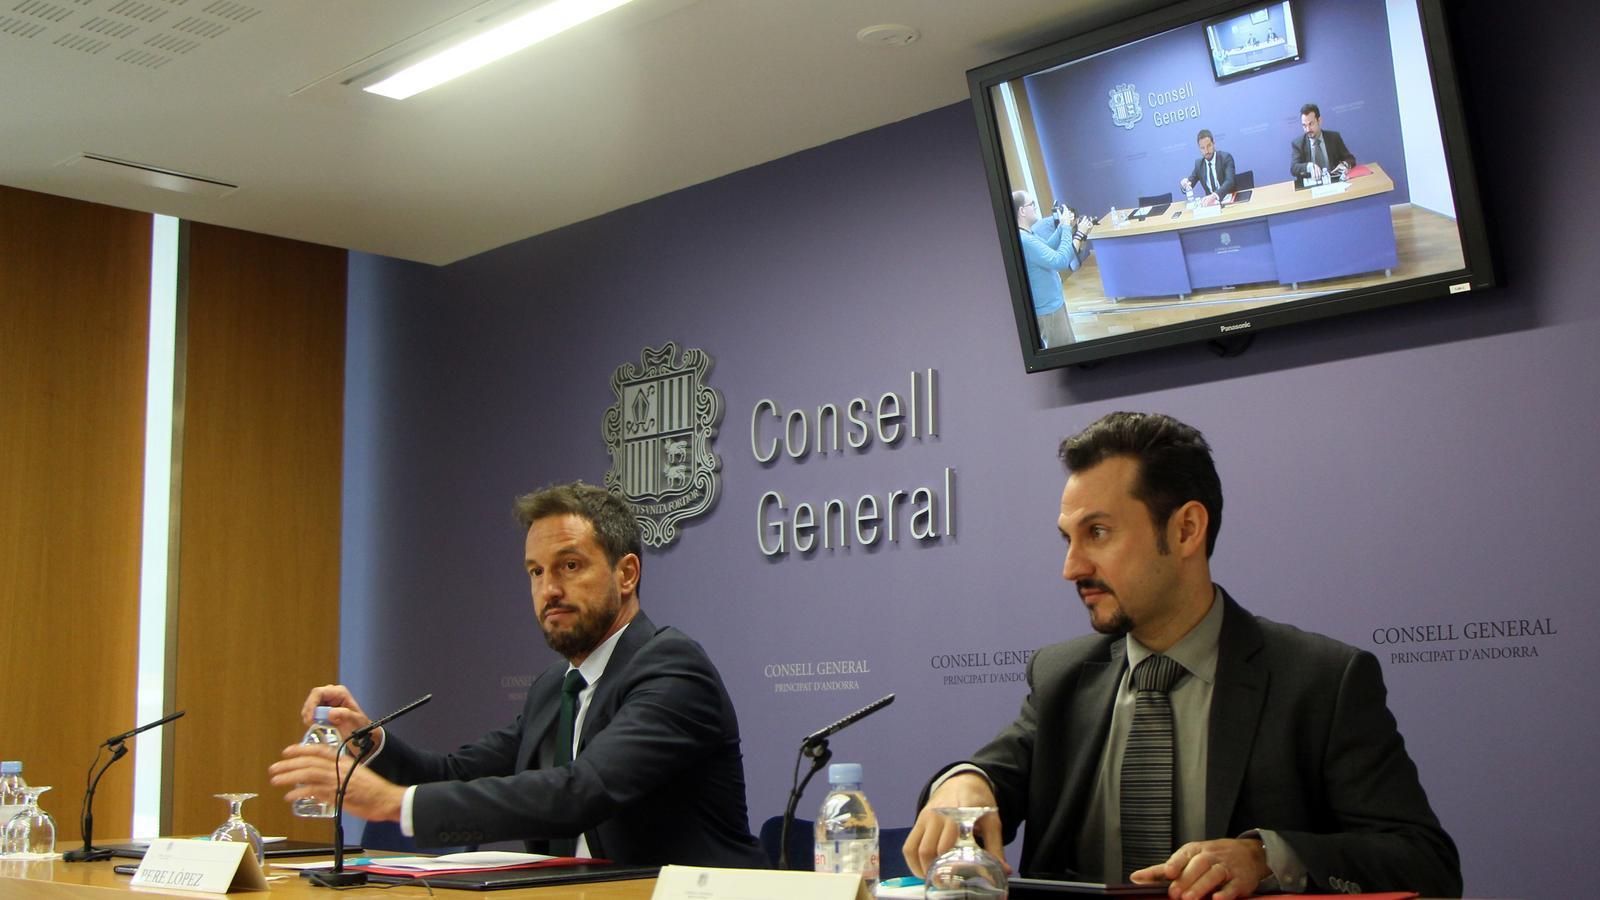 Els consellers Pere López i Gerard Alís informen de les esmenes presentades a la Llei de l'impost sobre societats. / C.G.